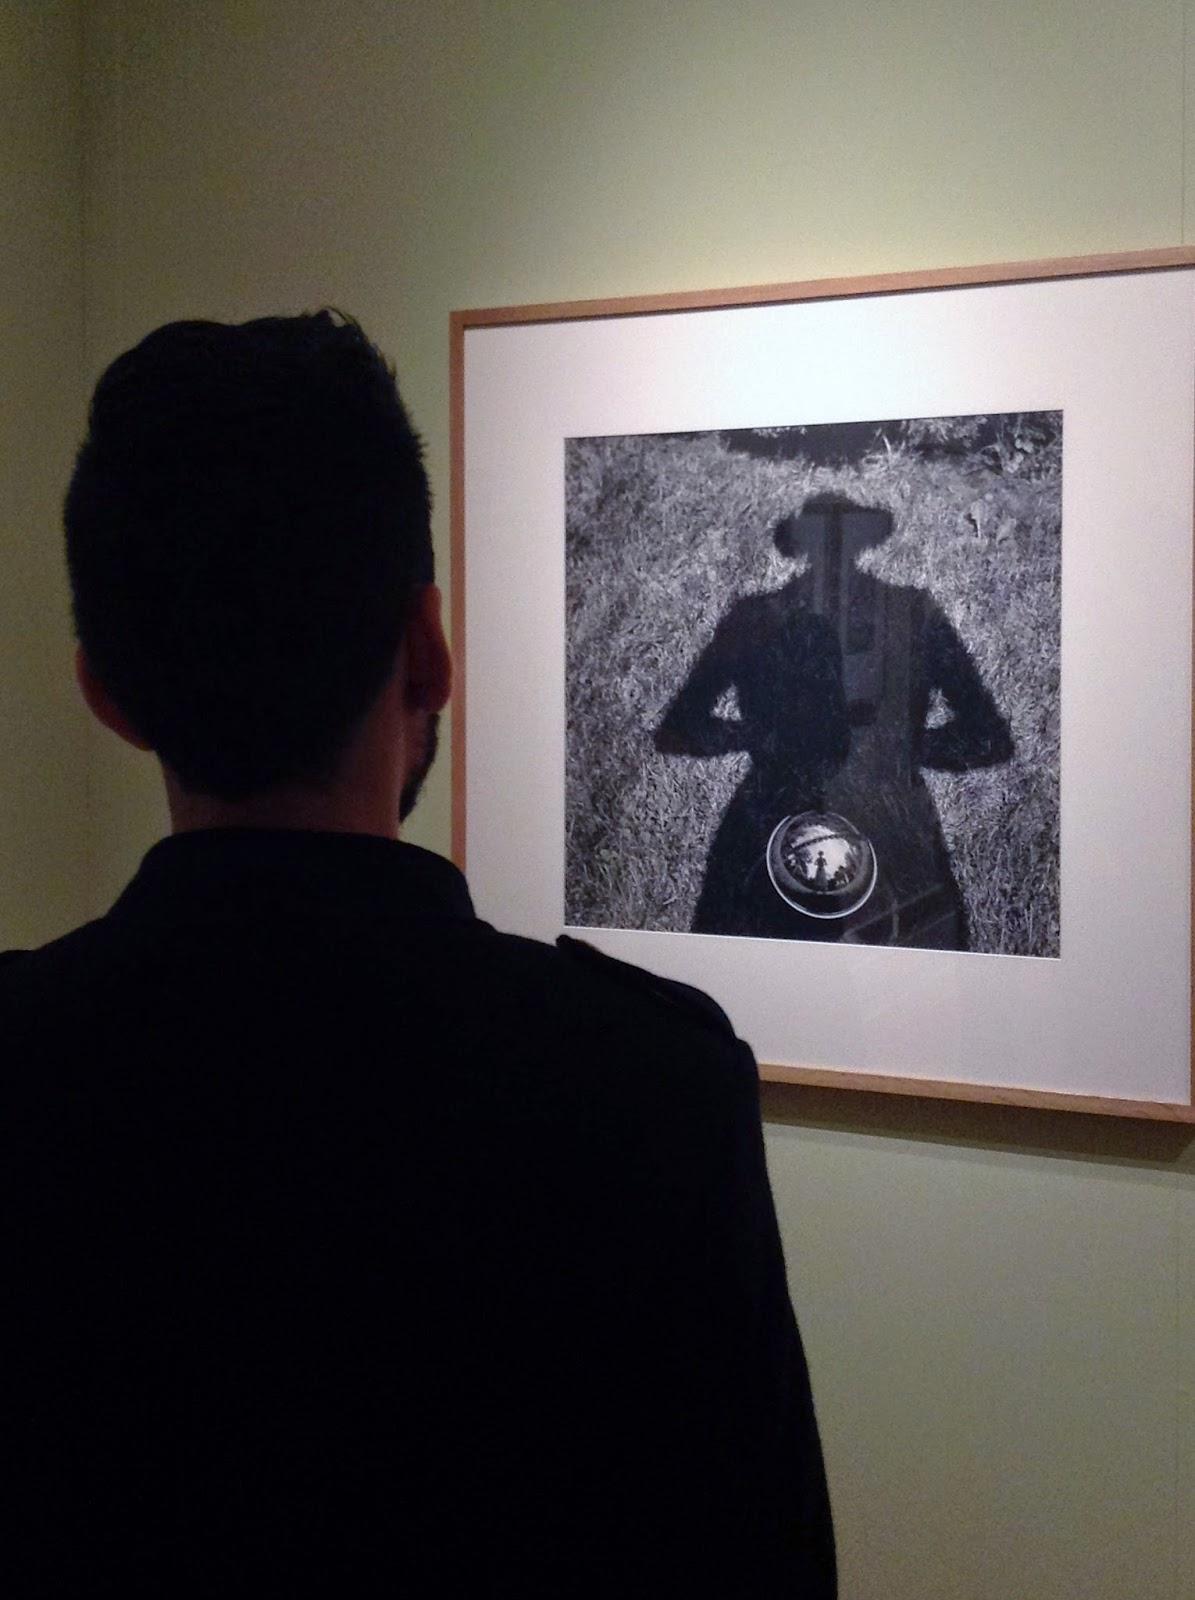 self portrait of Vivian Maier